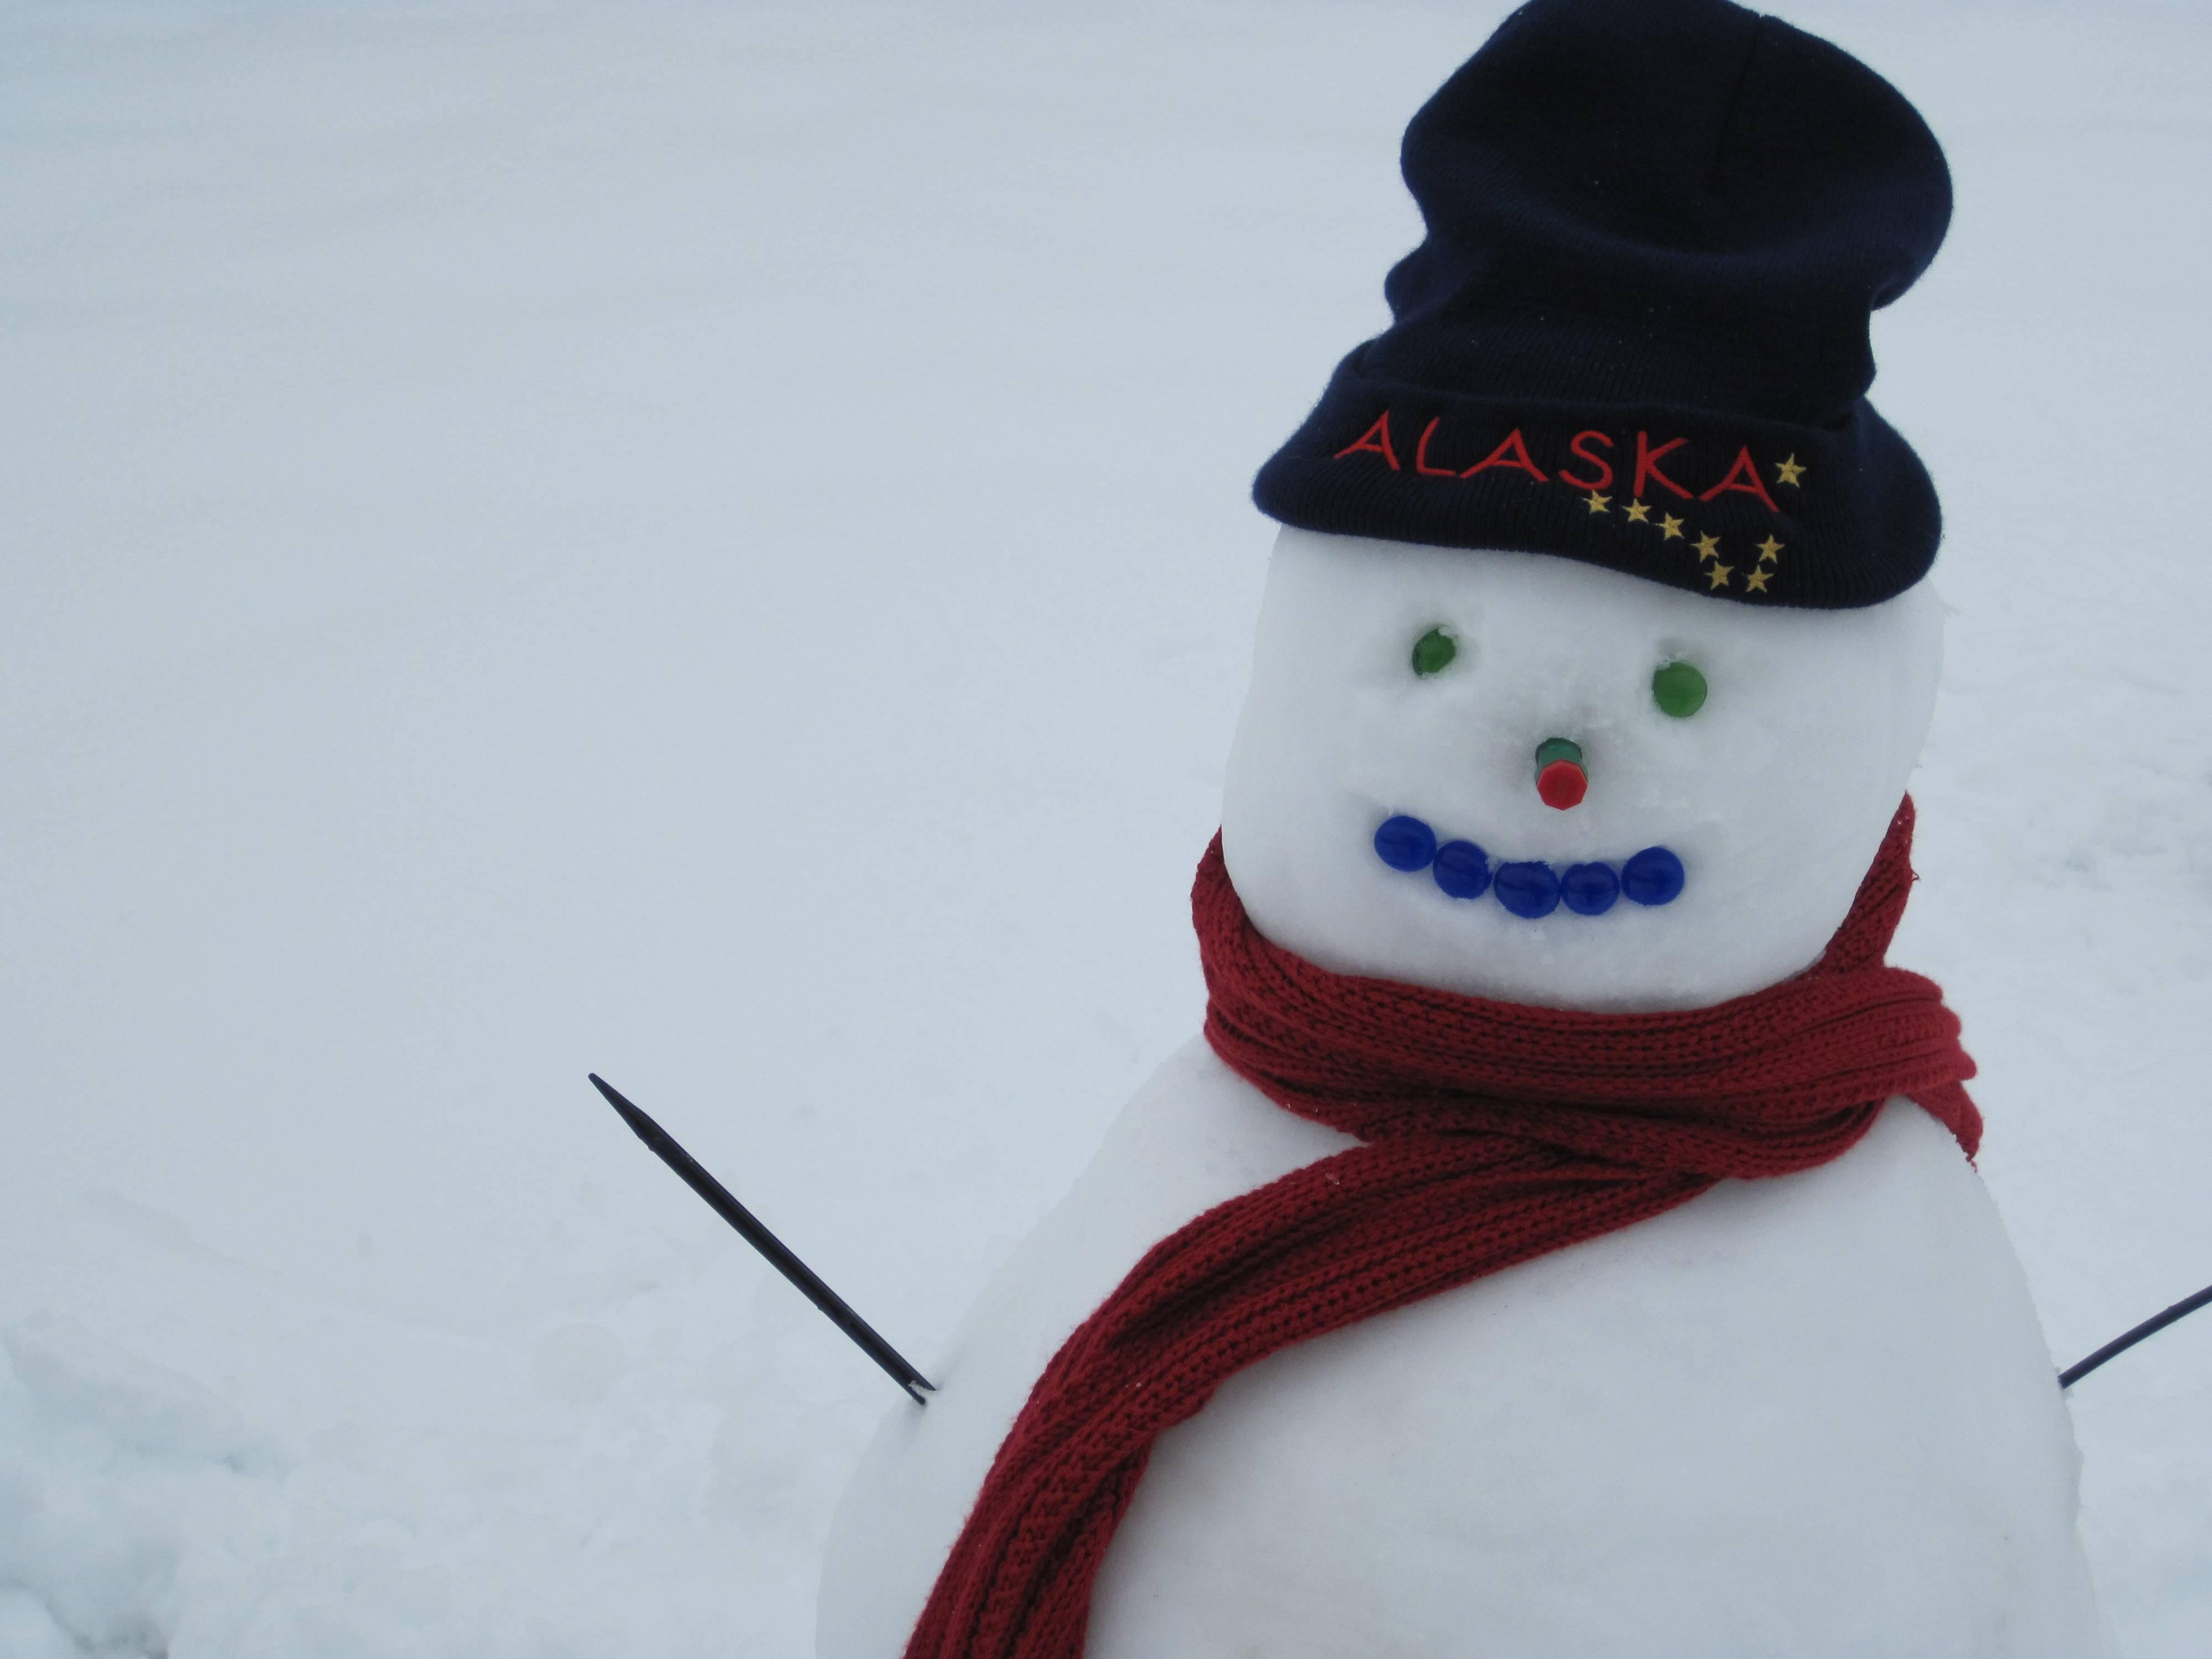 Kostenlose foto : Schnee, kalt, Weiß, Urlaub, Hut, Weihnachten ...